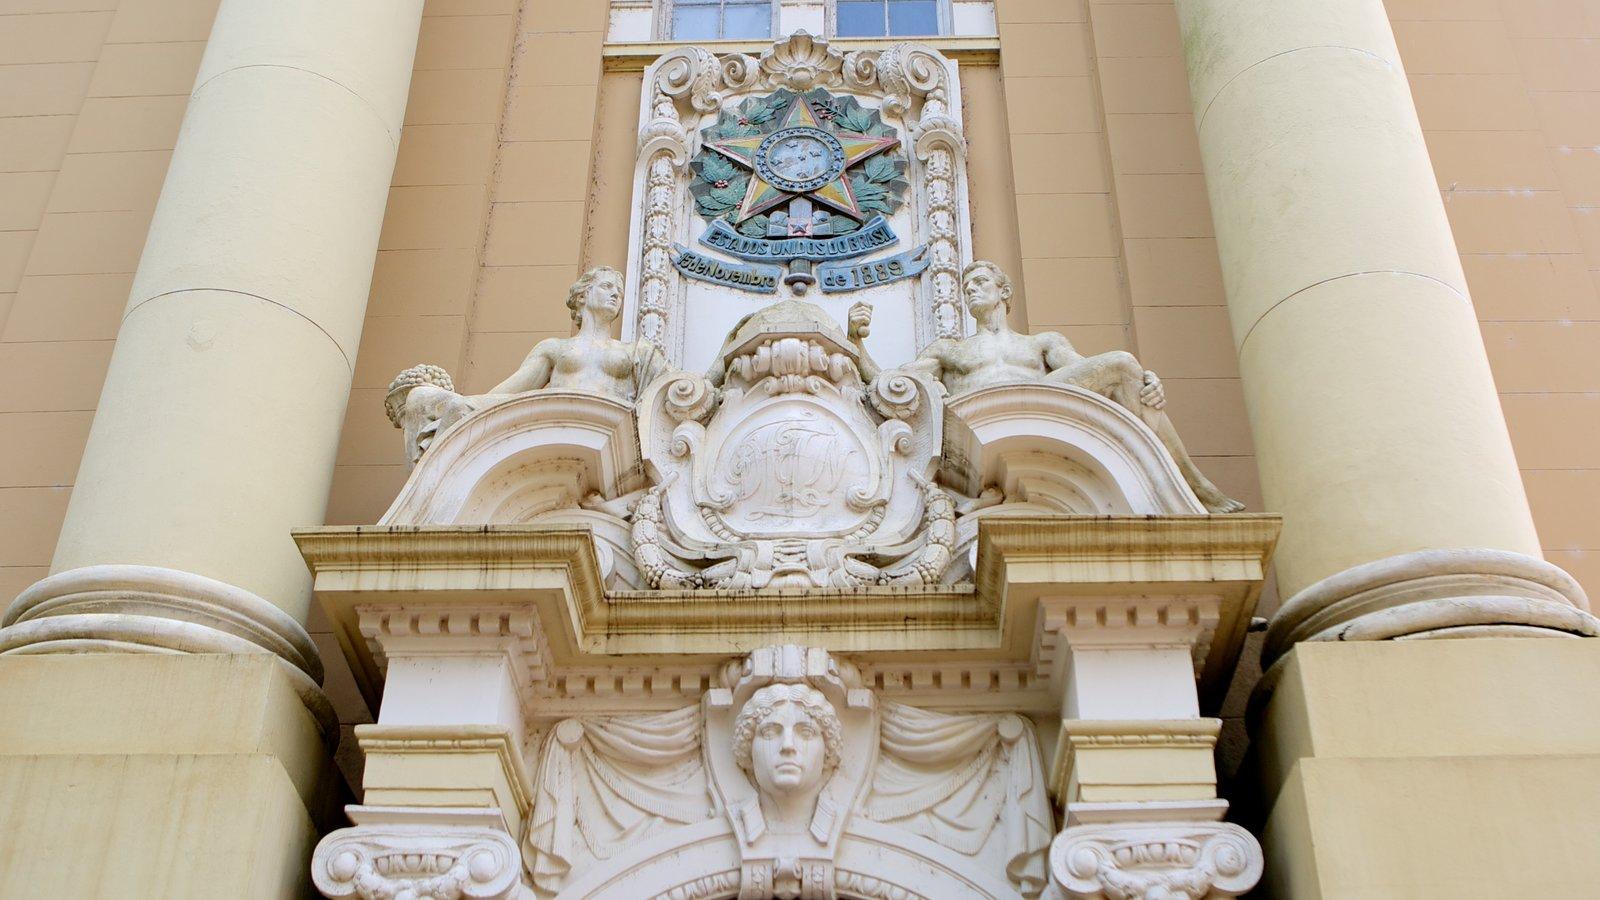 Museu de Arte do Rio Grande do Sul caracterizando arquitetura de patrimônio